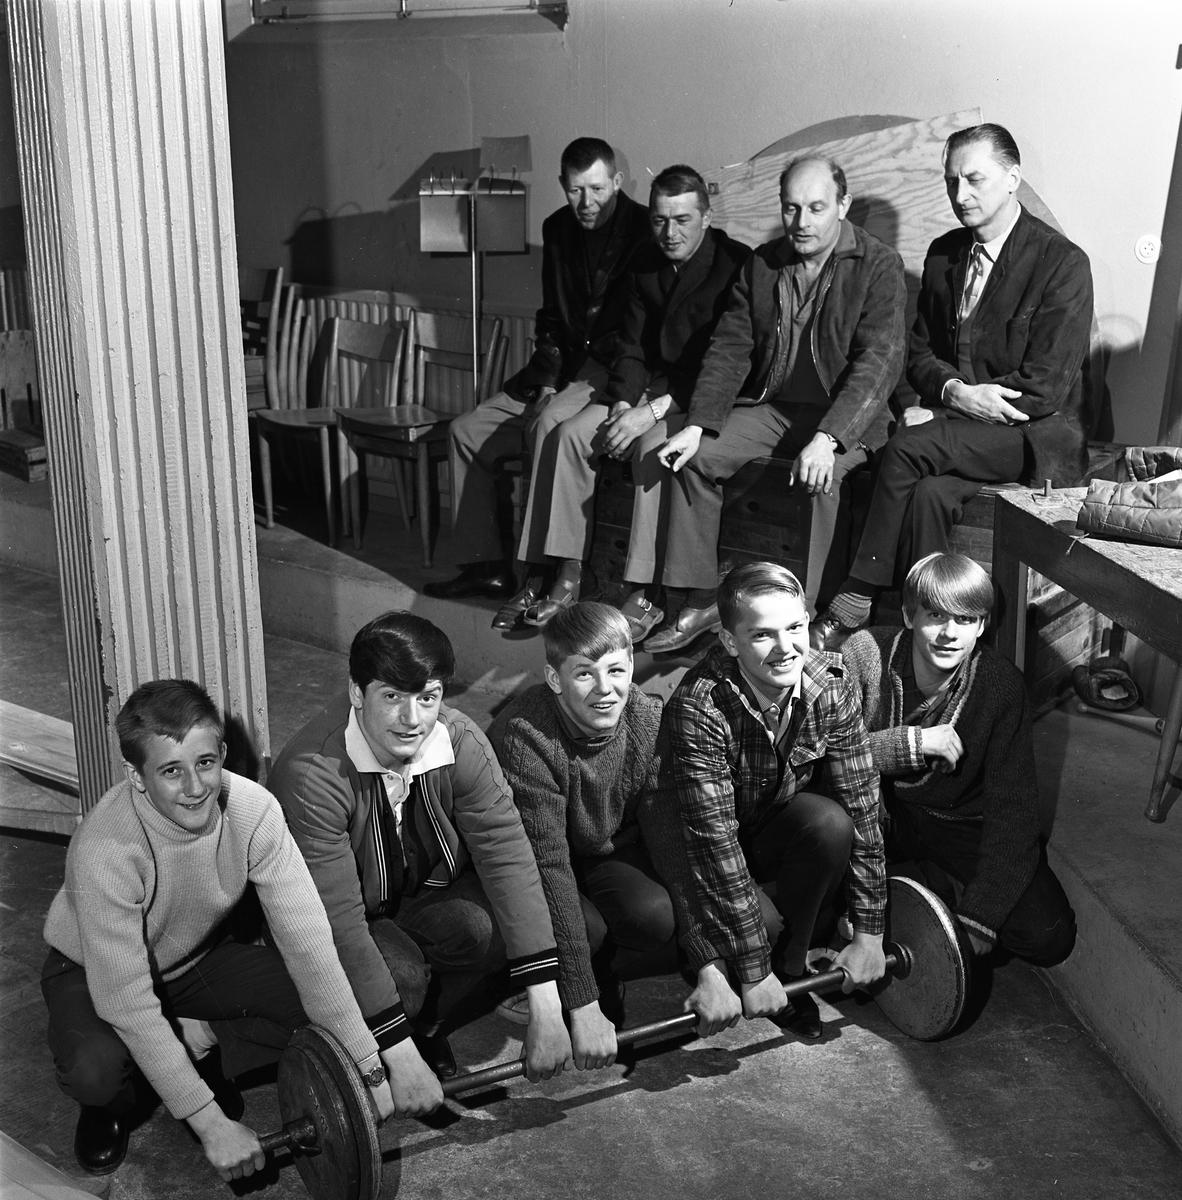 """Brottarkillar i träningslokalen. Grabbarna är, från vänster: Jan """"Pyrre"""" Nyberg, Christer """"Molla"""" Molin, Leif Andersson, Lars Hinrich och Roger """"Sluggo"""" Haglund.  Bakom dem sitter, från vänster: John Andersson, Boy Hinrich, Sam Nilsson och Börje """"Osten"""" Sjöberg. Arboga Atletklubb"""